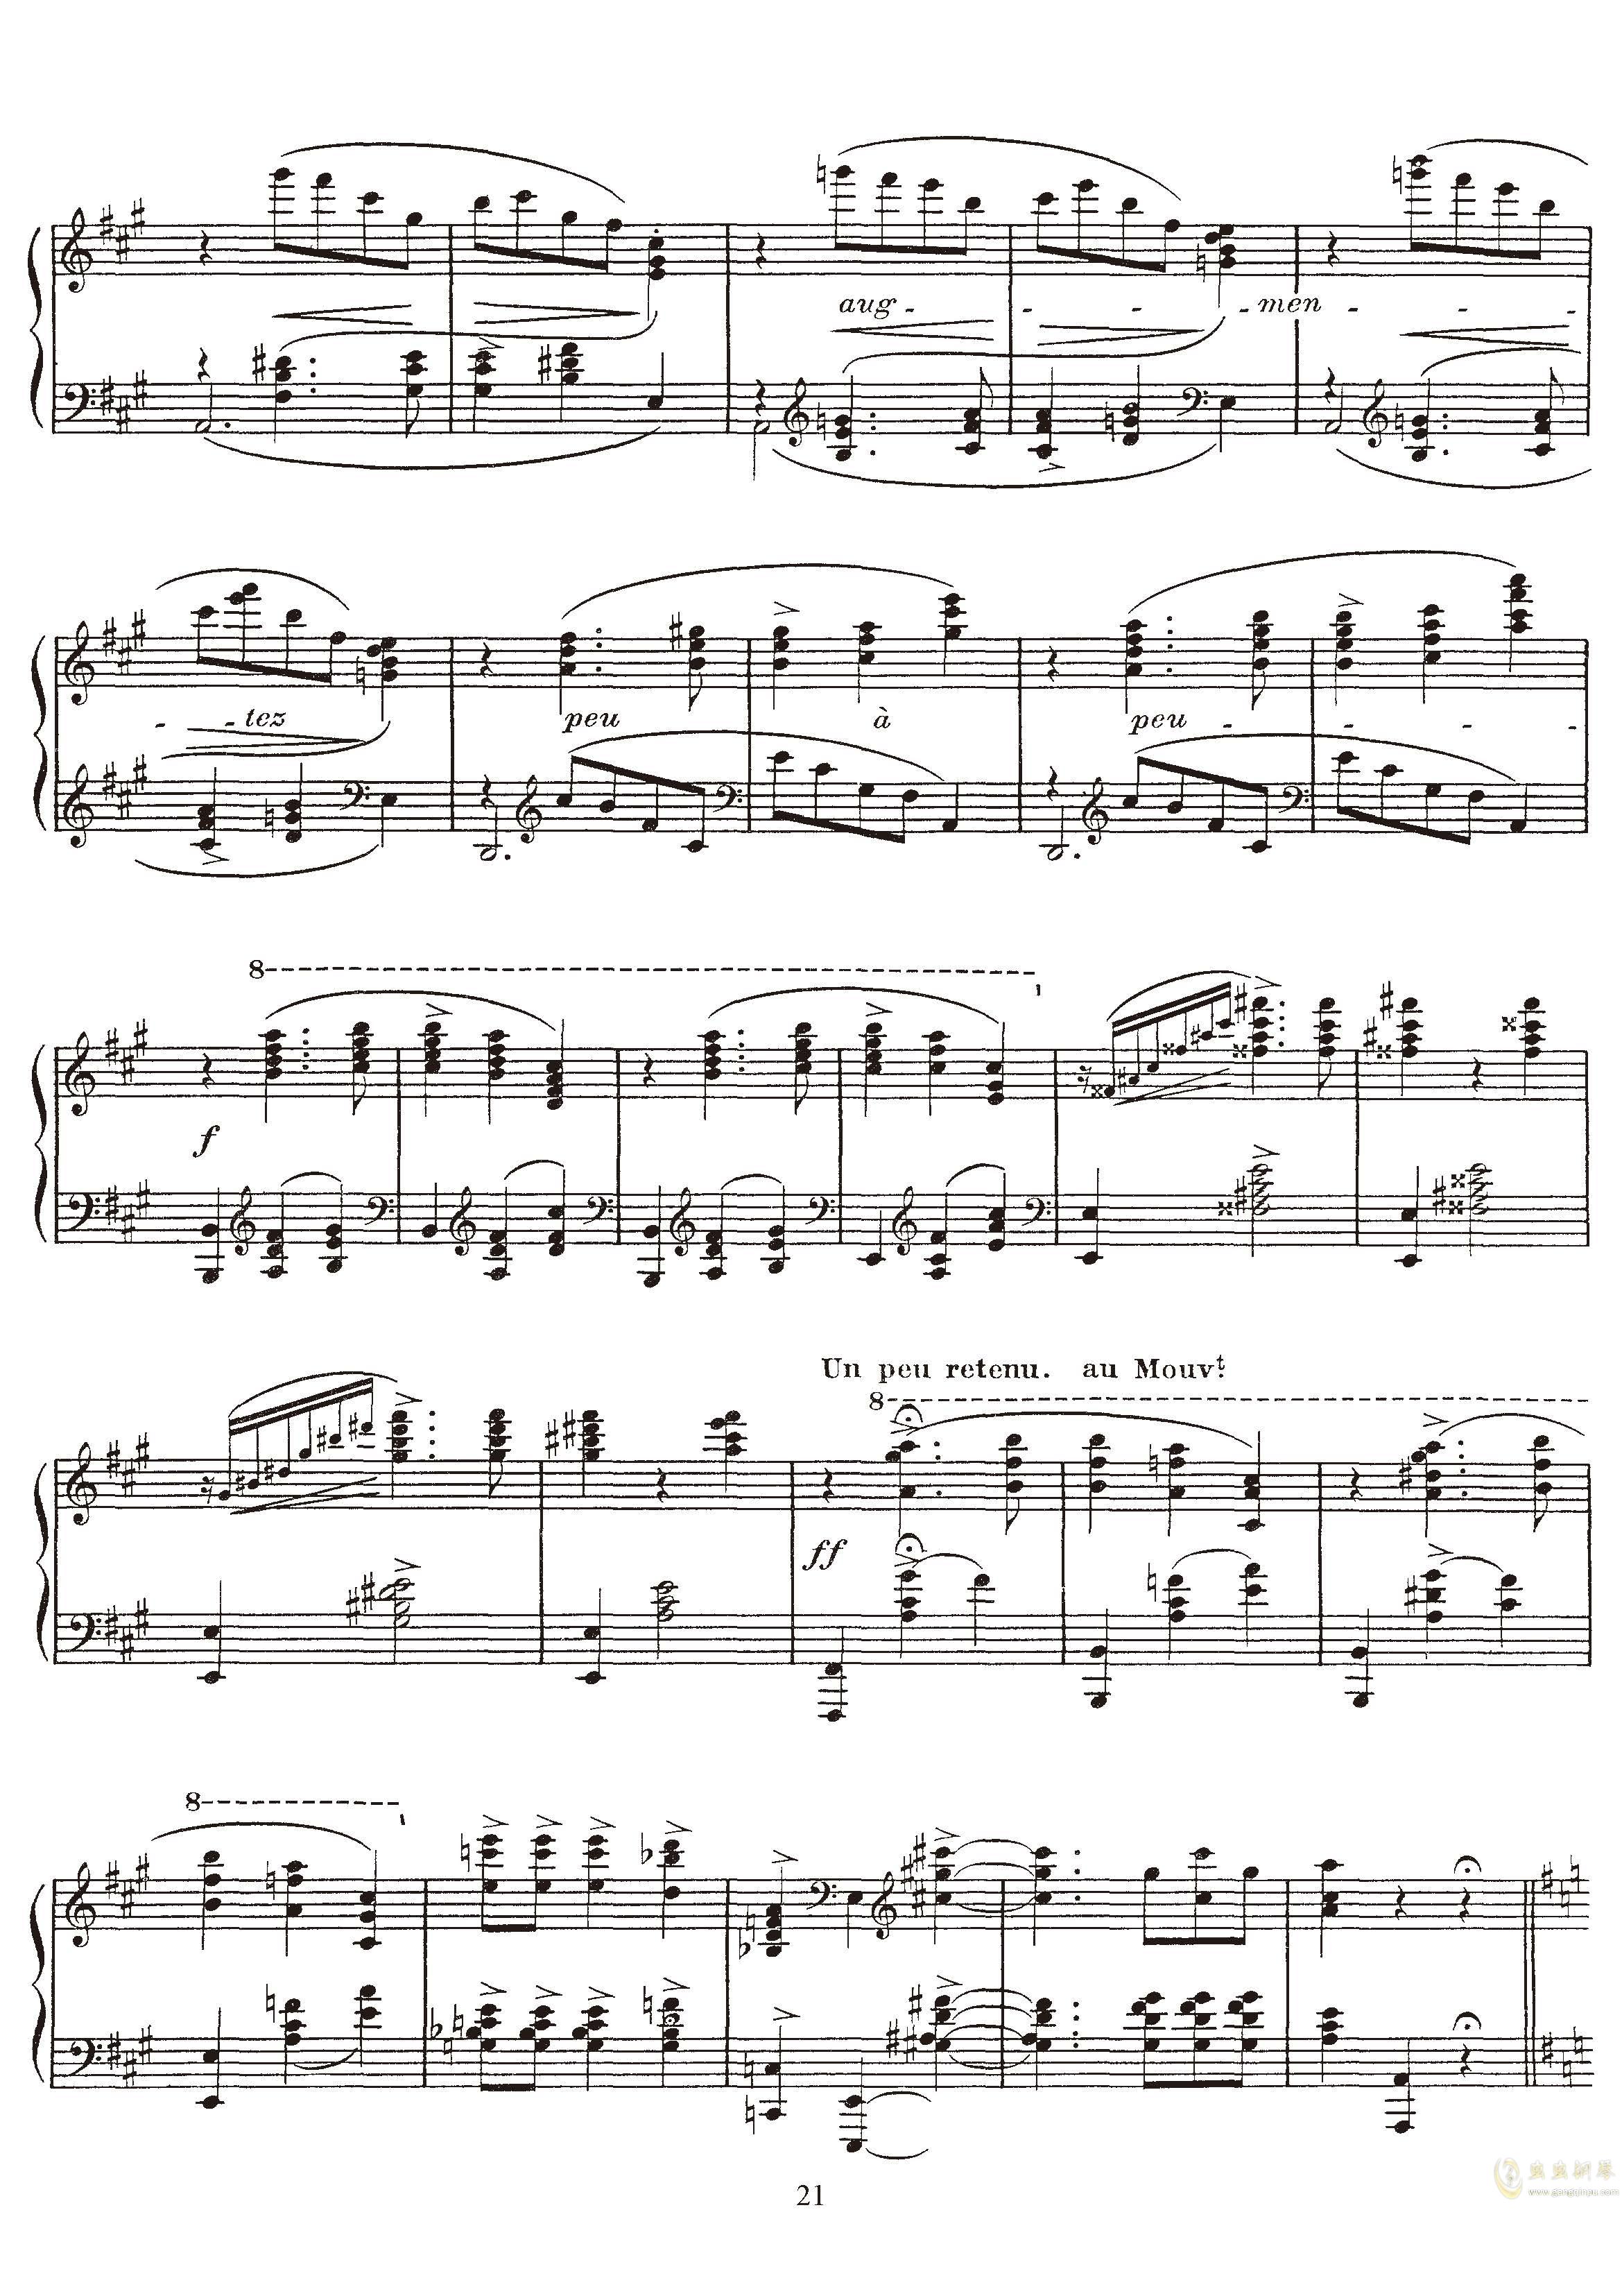 高贵而伤感的圆舞曲钢琴谱 第21页